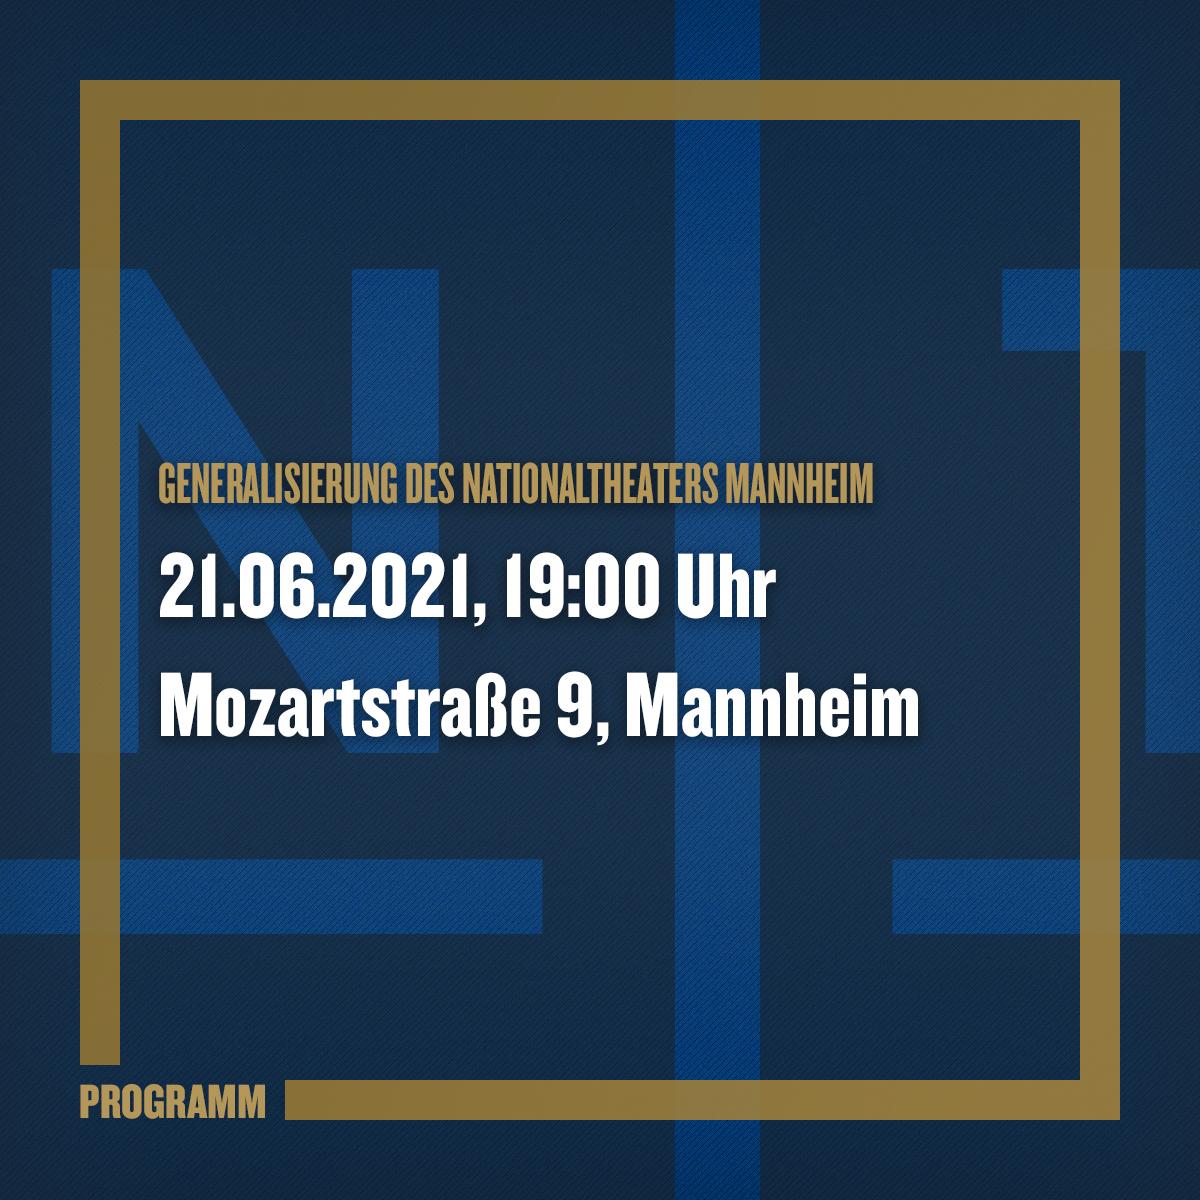 Generalisierung des Nationaltheaters Mannheim